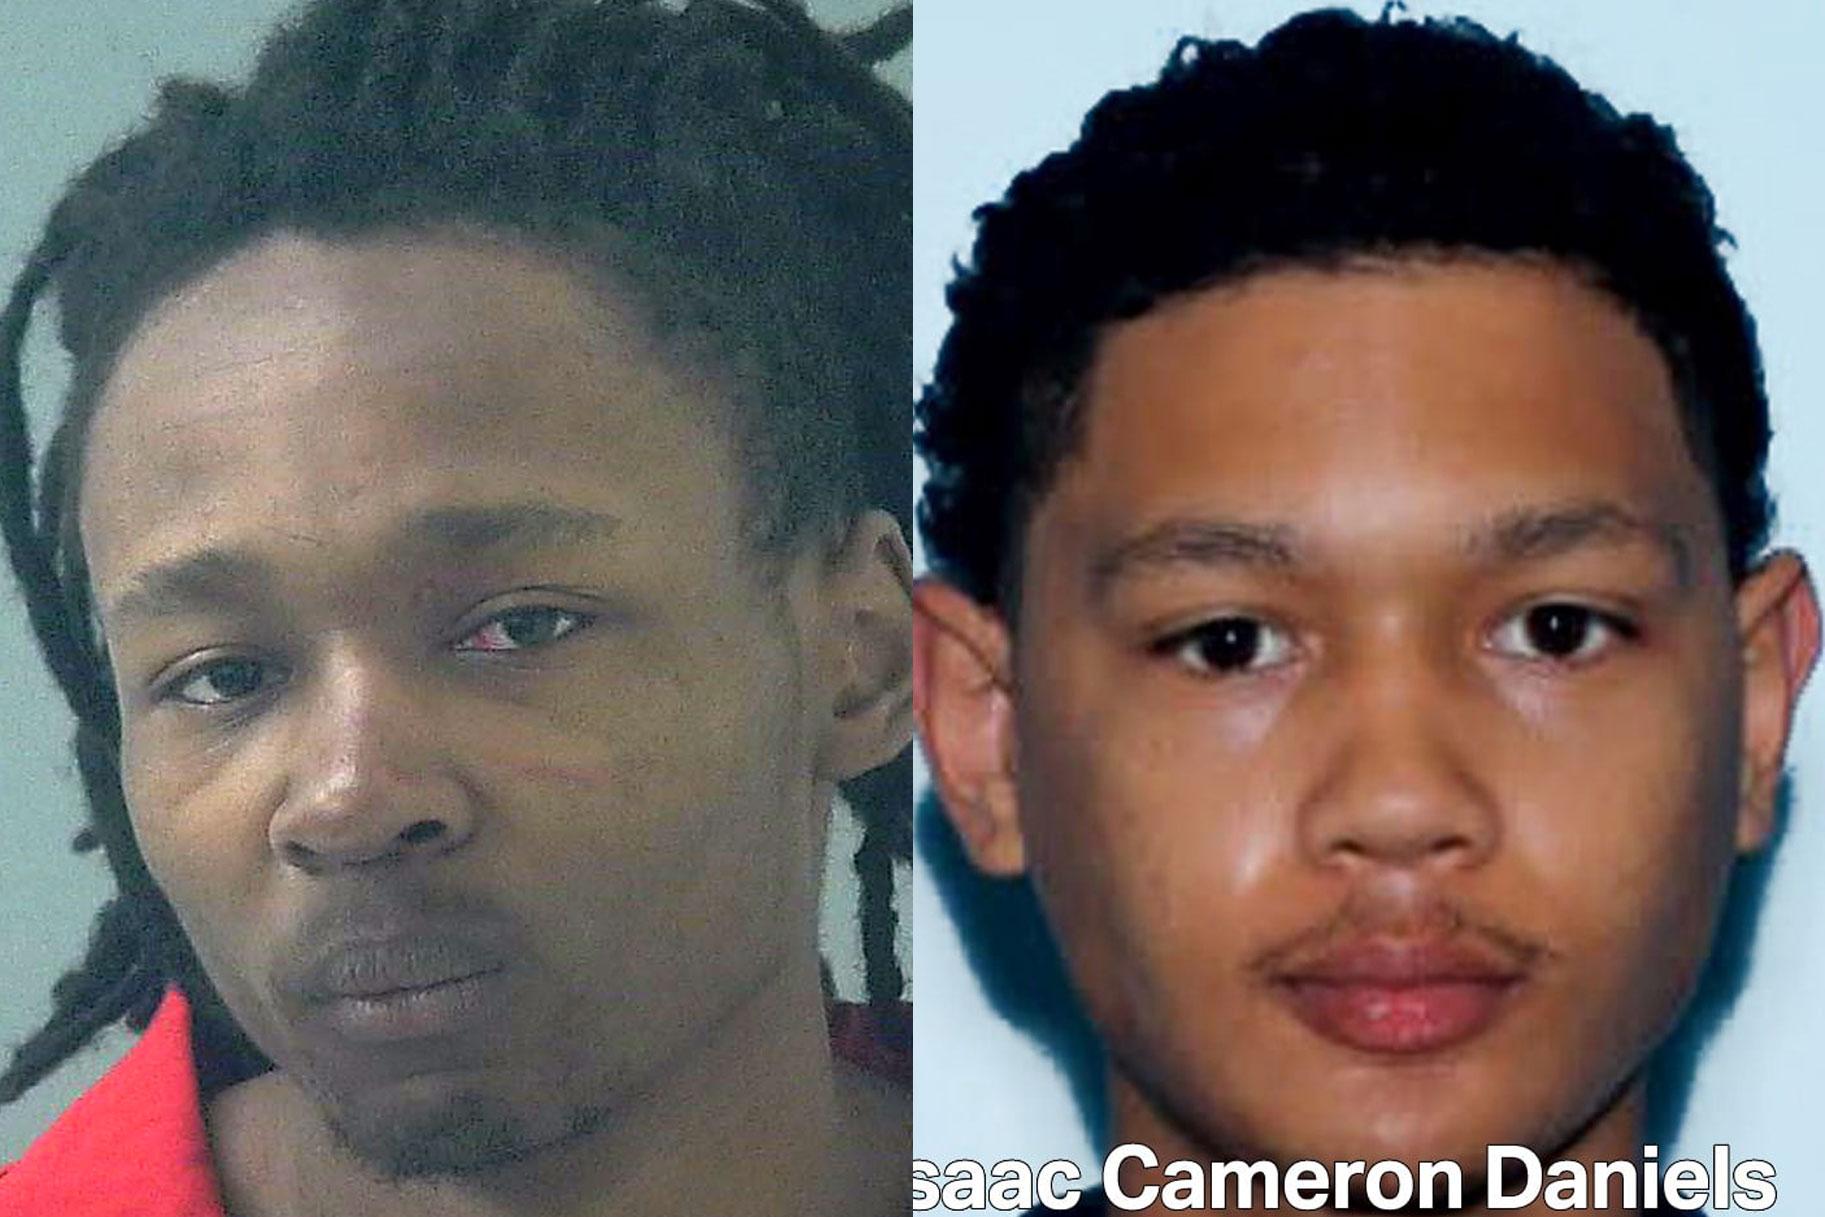 2 hombres acusados de matar al adolescente desaparecido de Florida Cody Walker